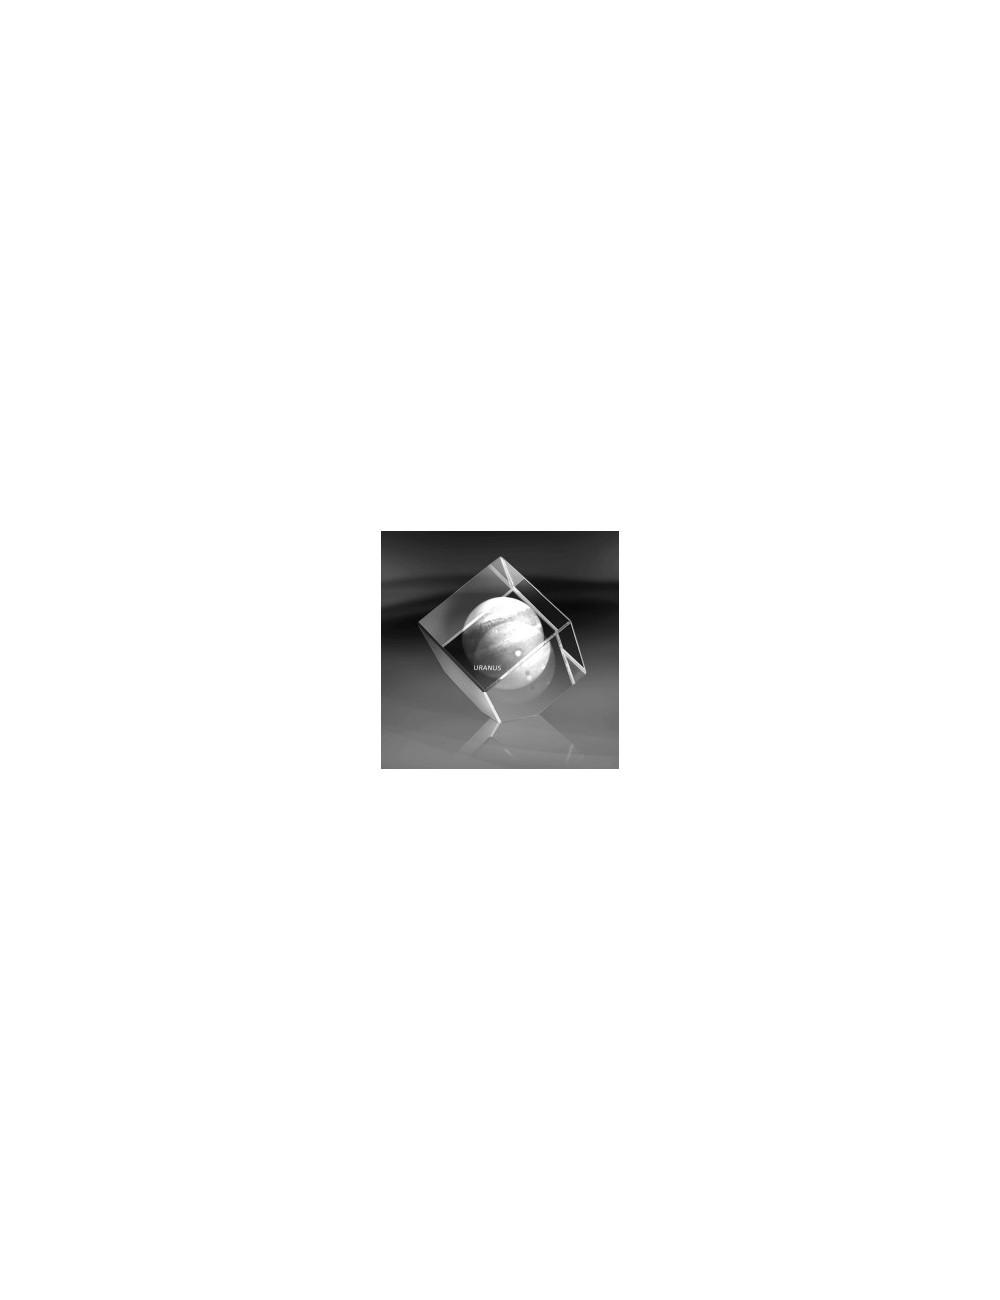 URANUS bloc 3D cube 60mm